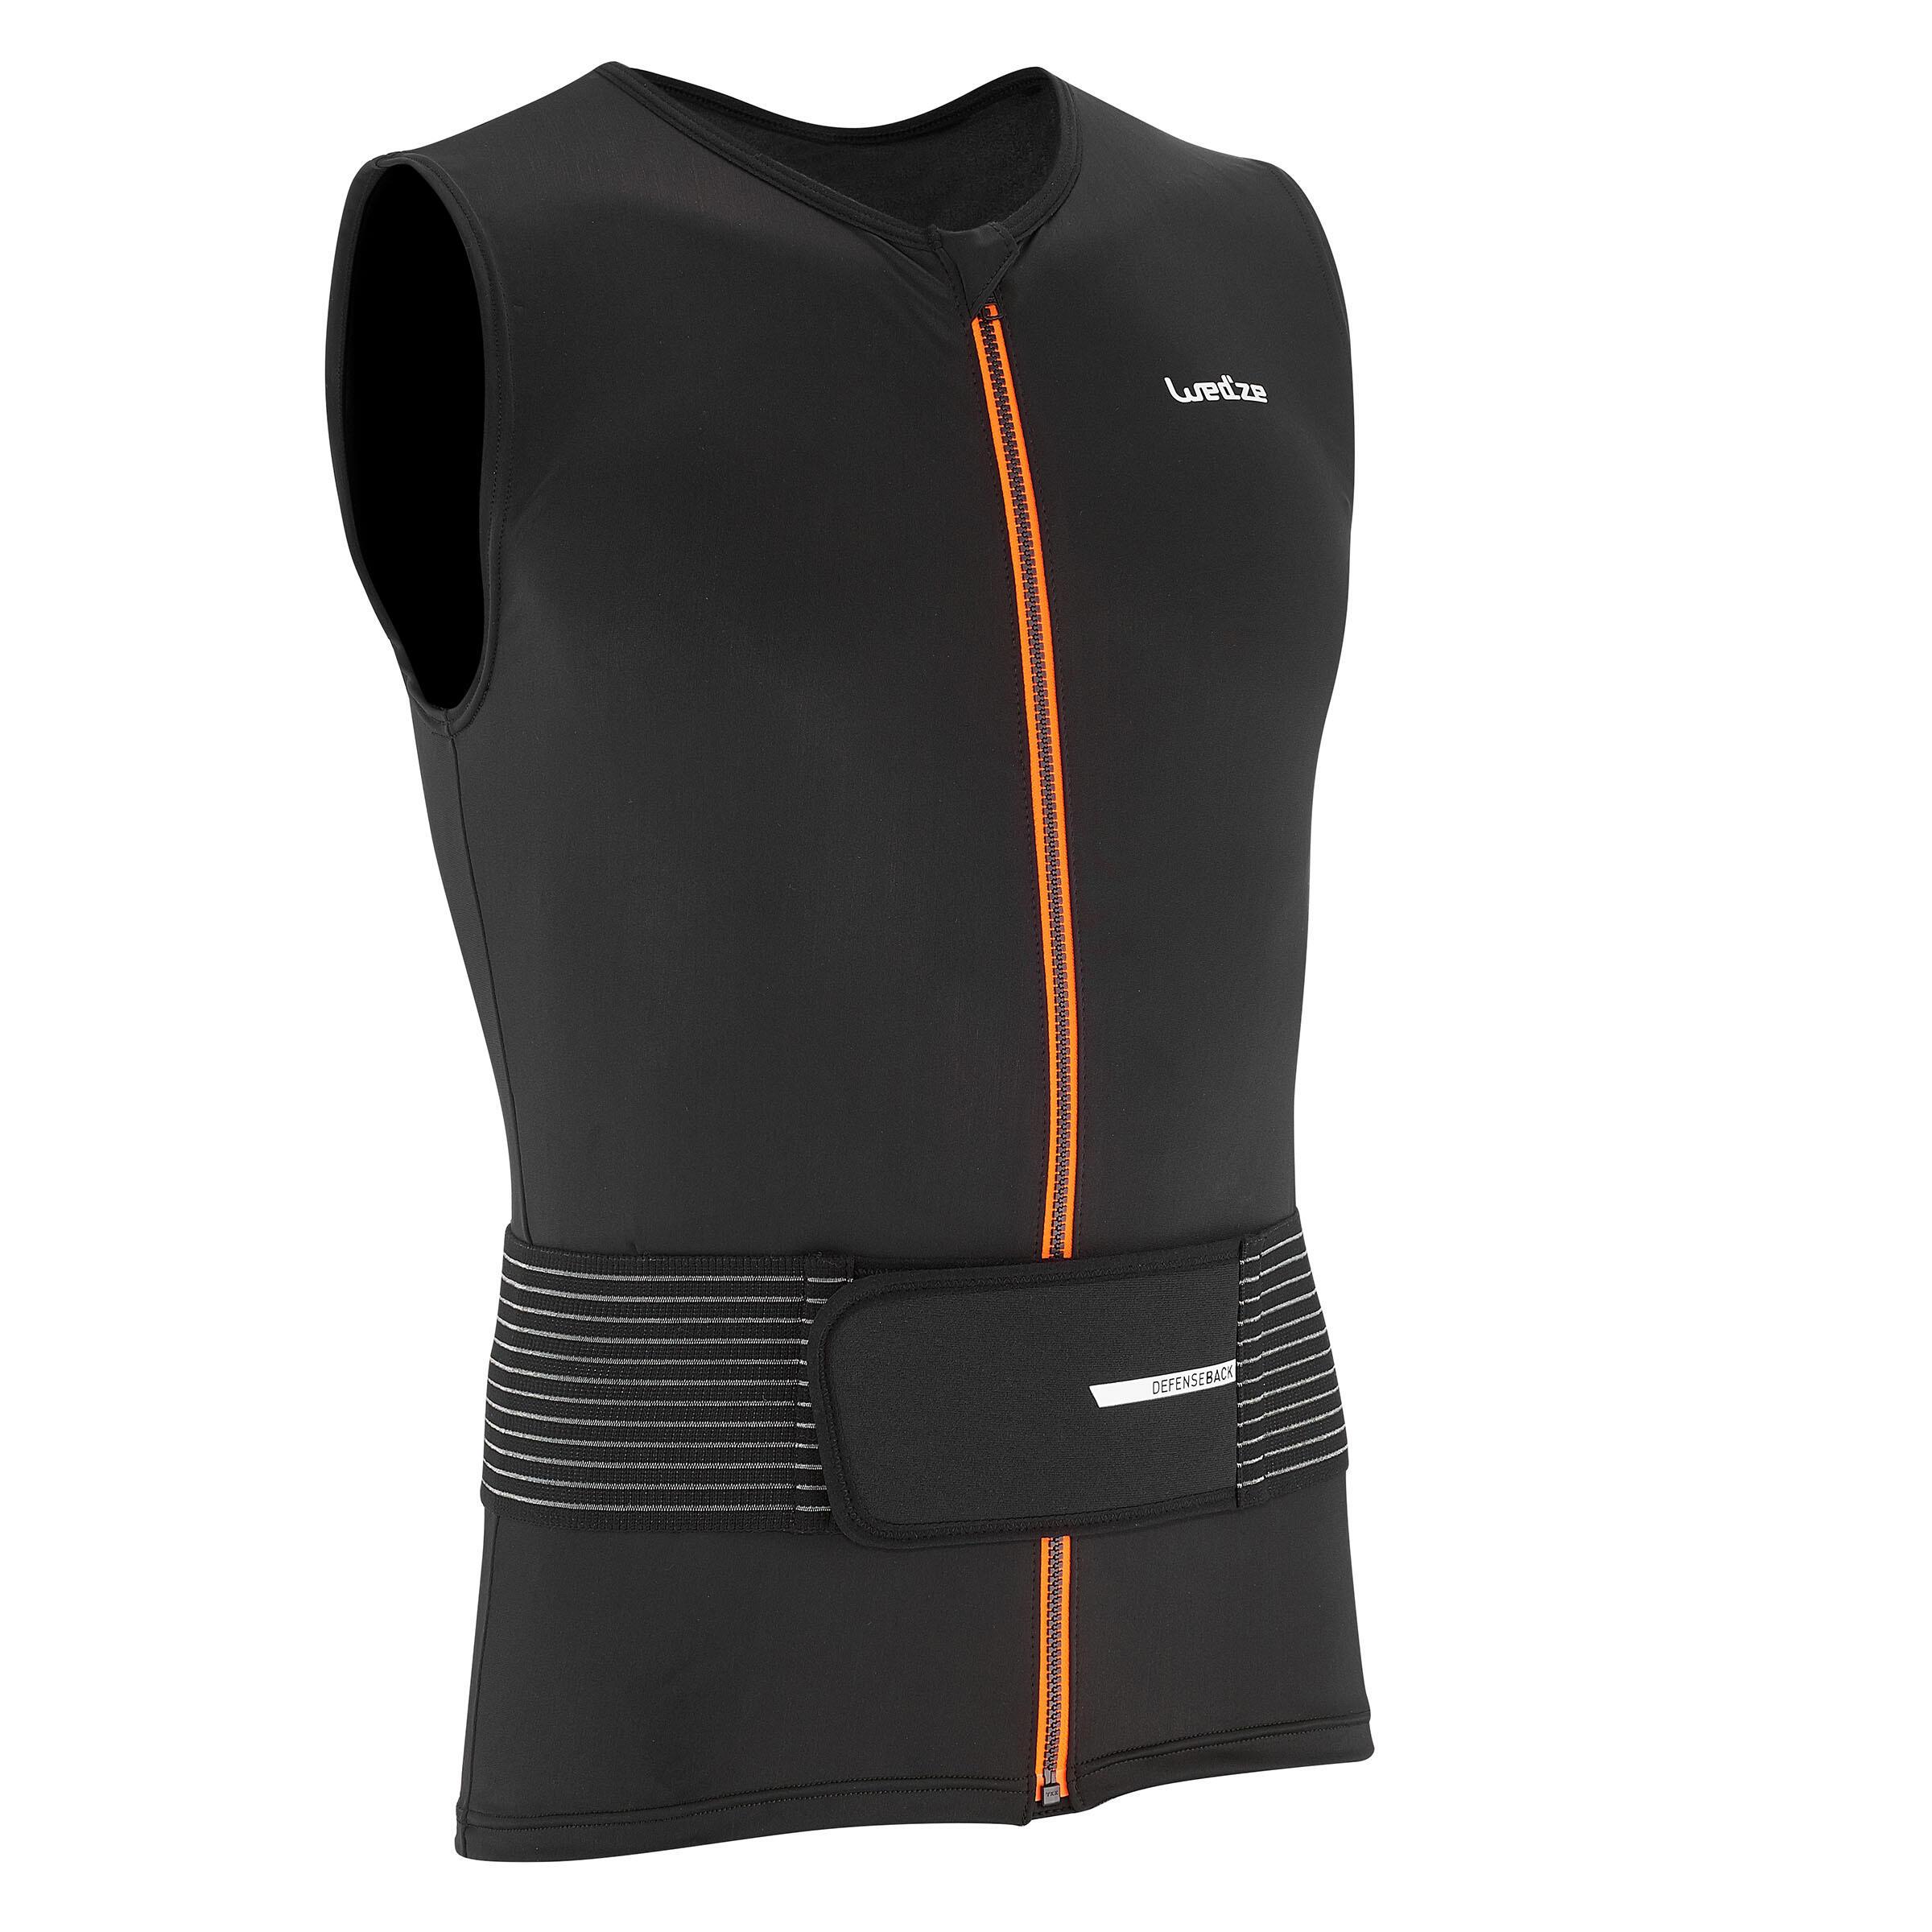 Protezione per la schiena protezione schiena sicurezza gilet da equitazione da indossare Nero